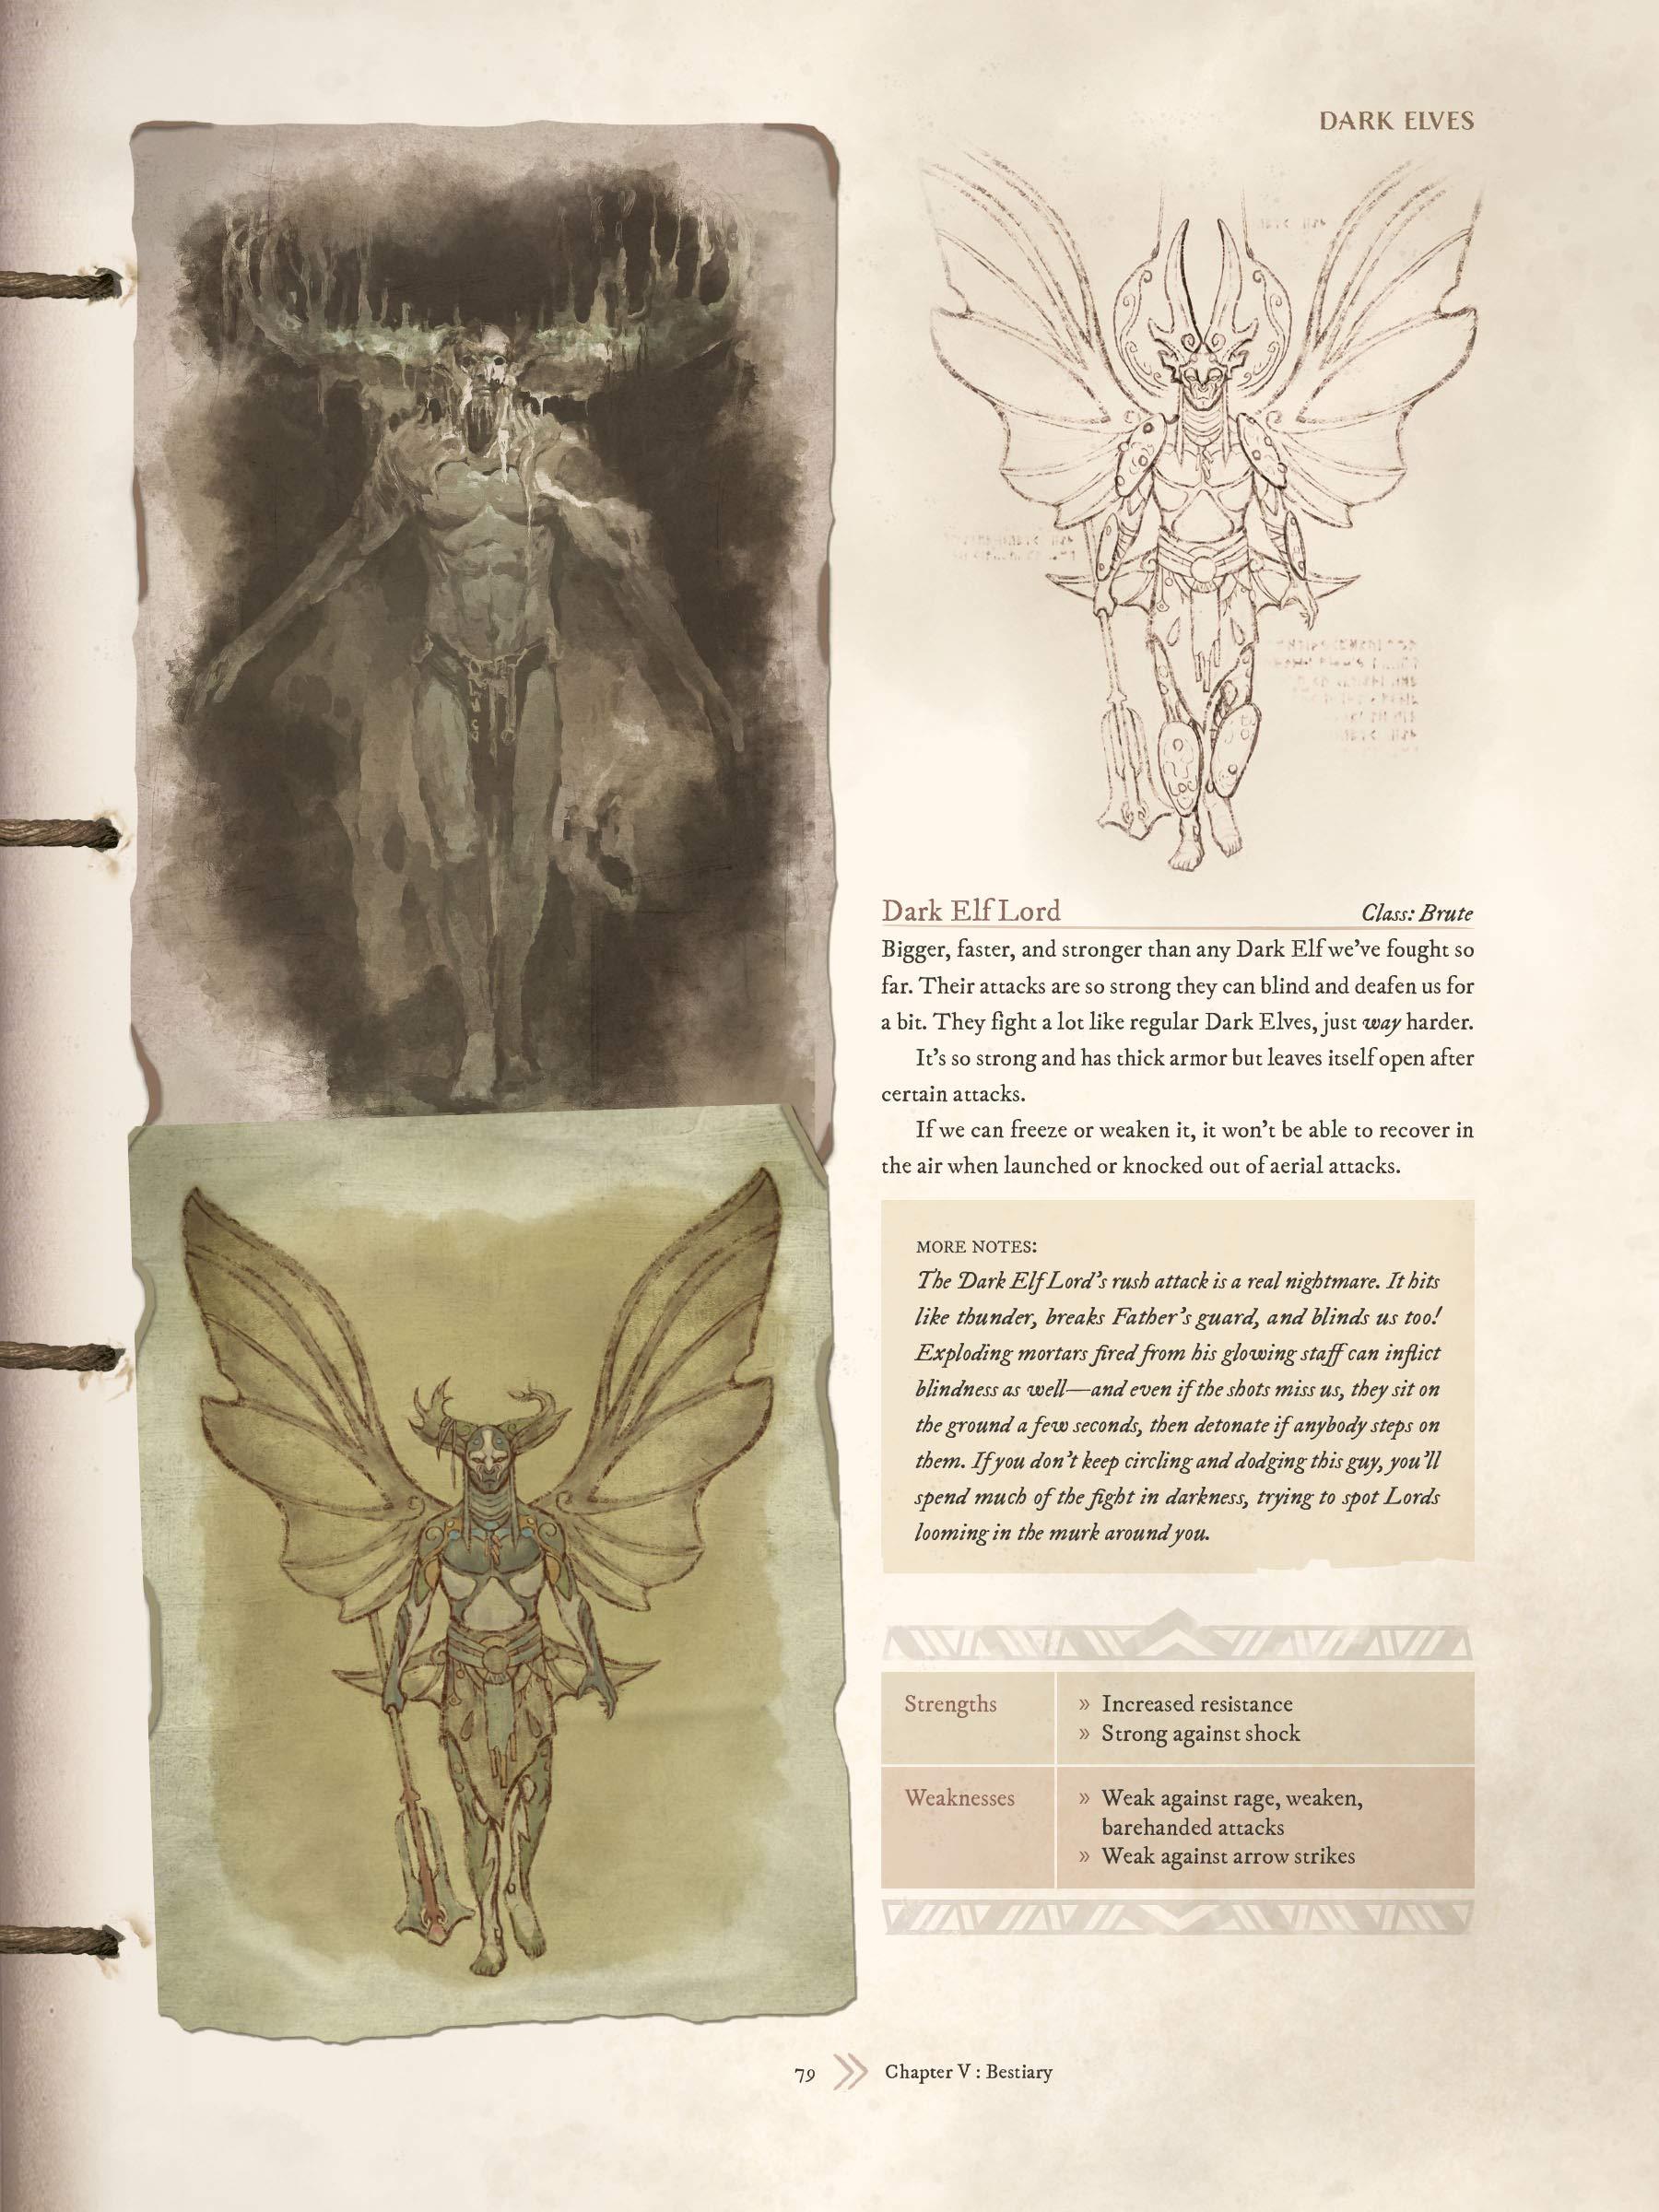 کتاب God of war legends and lores - خدای جنگ اساطیر و افسانه ها